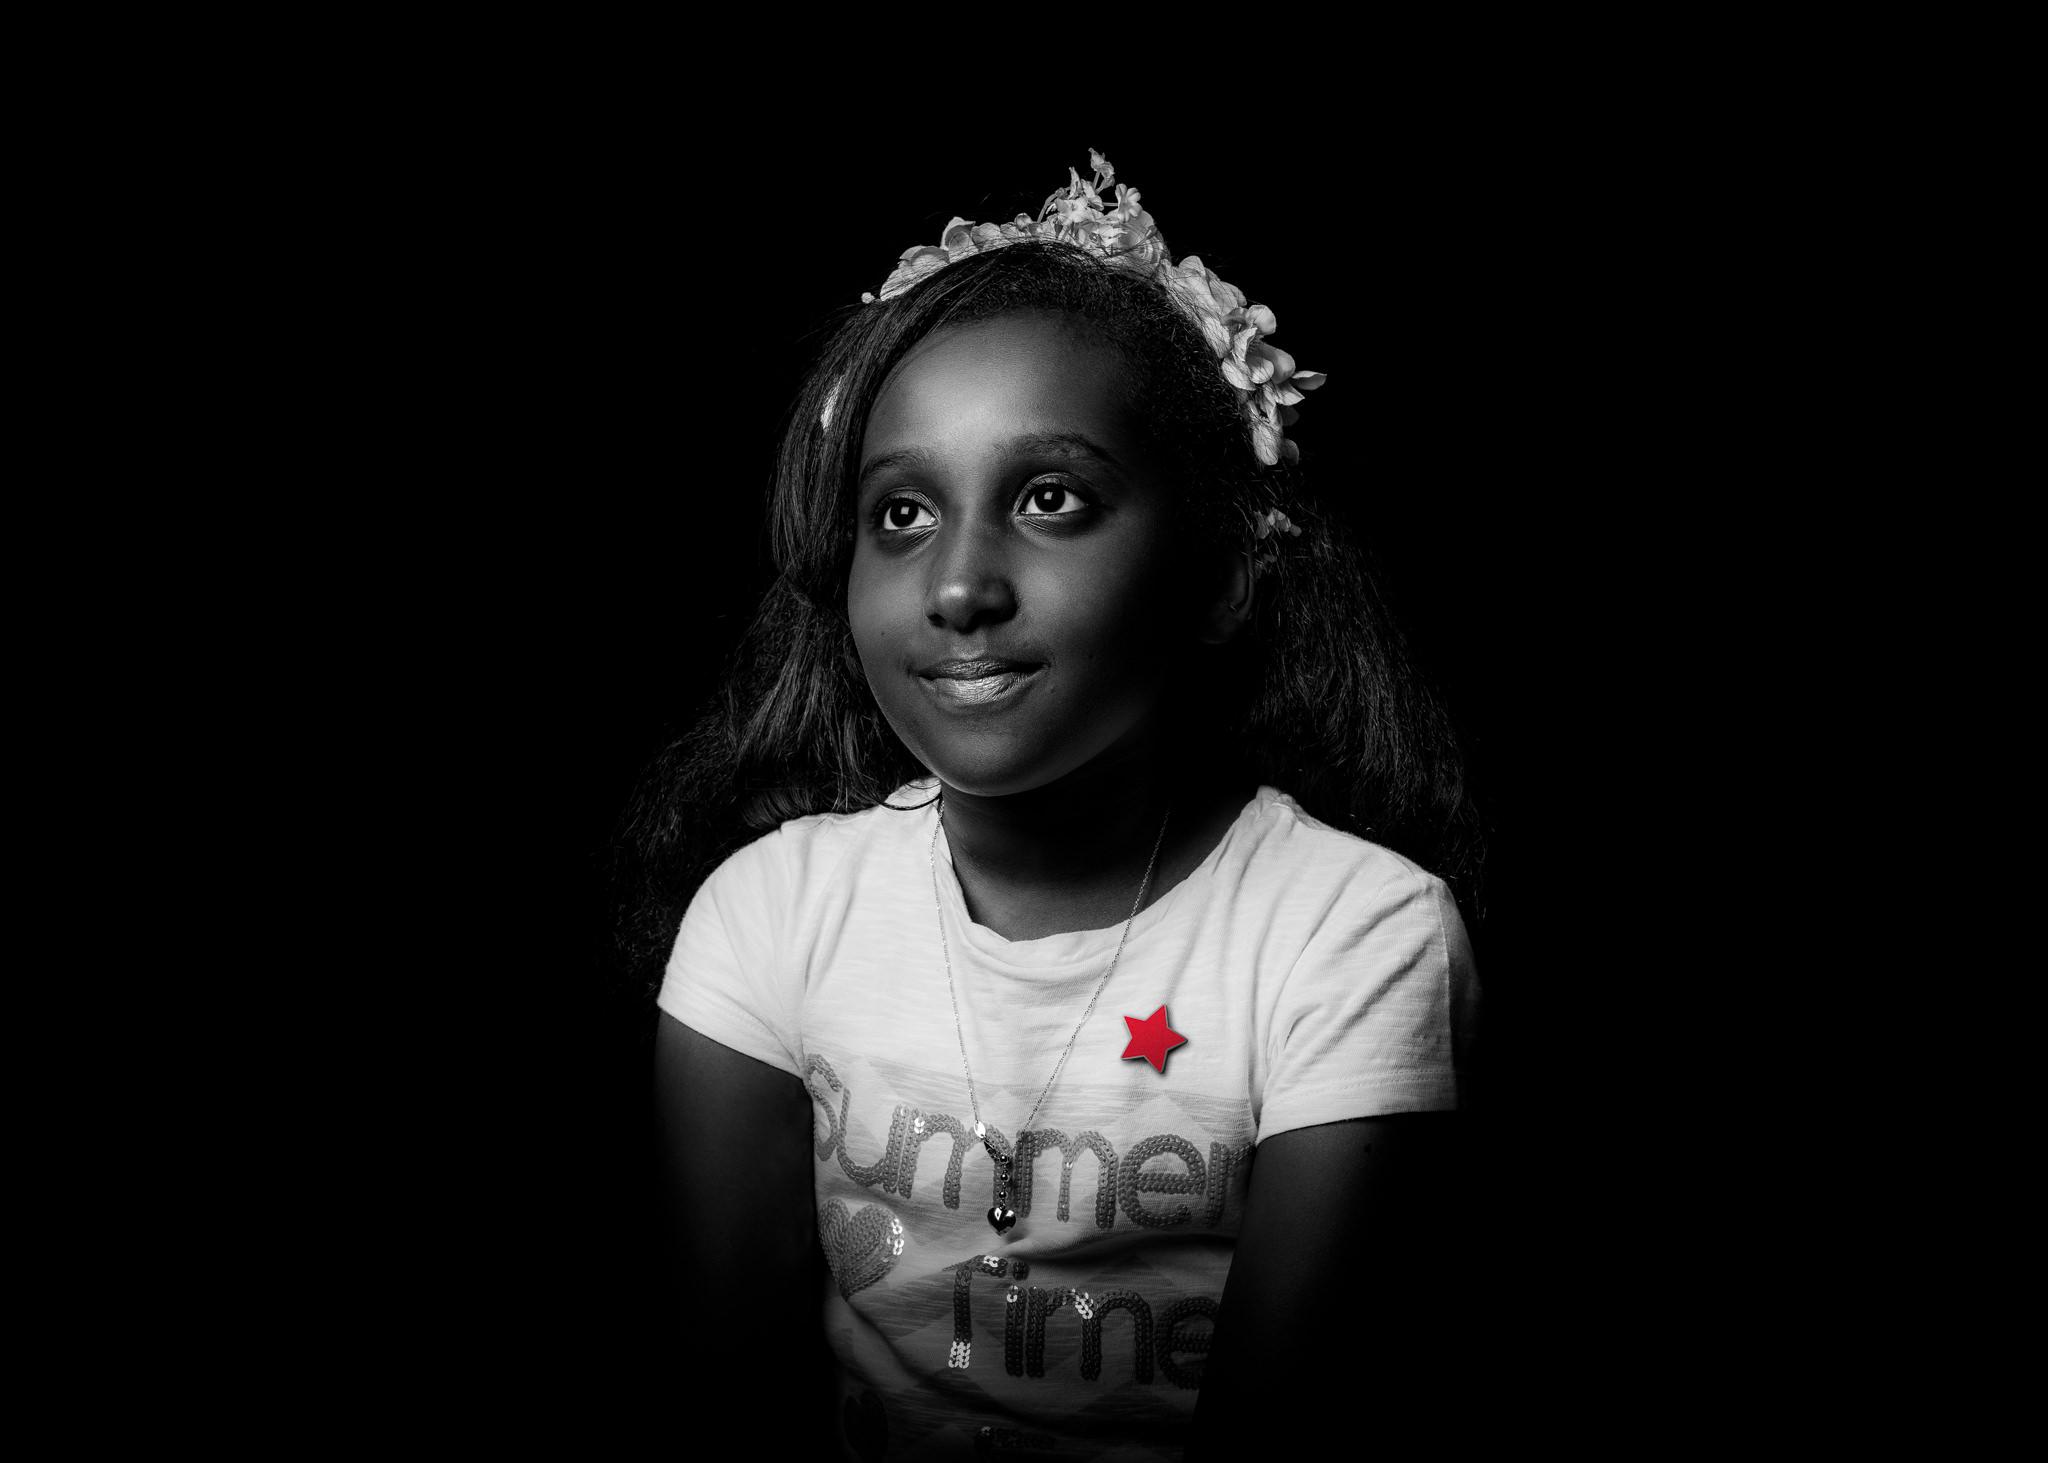 Matab (Age 11)